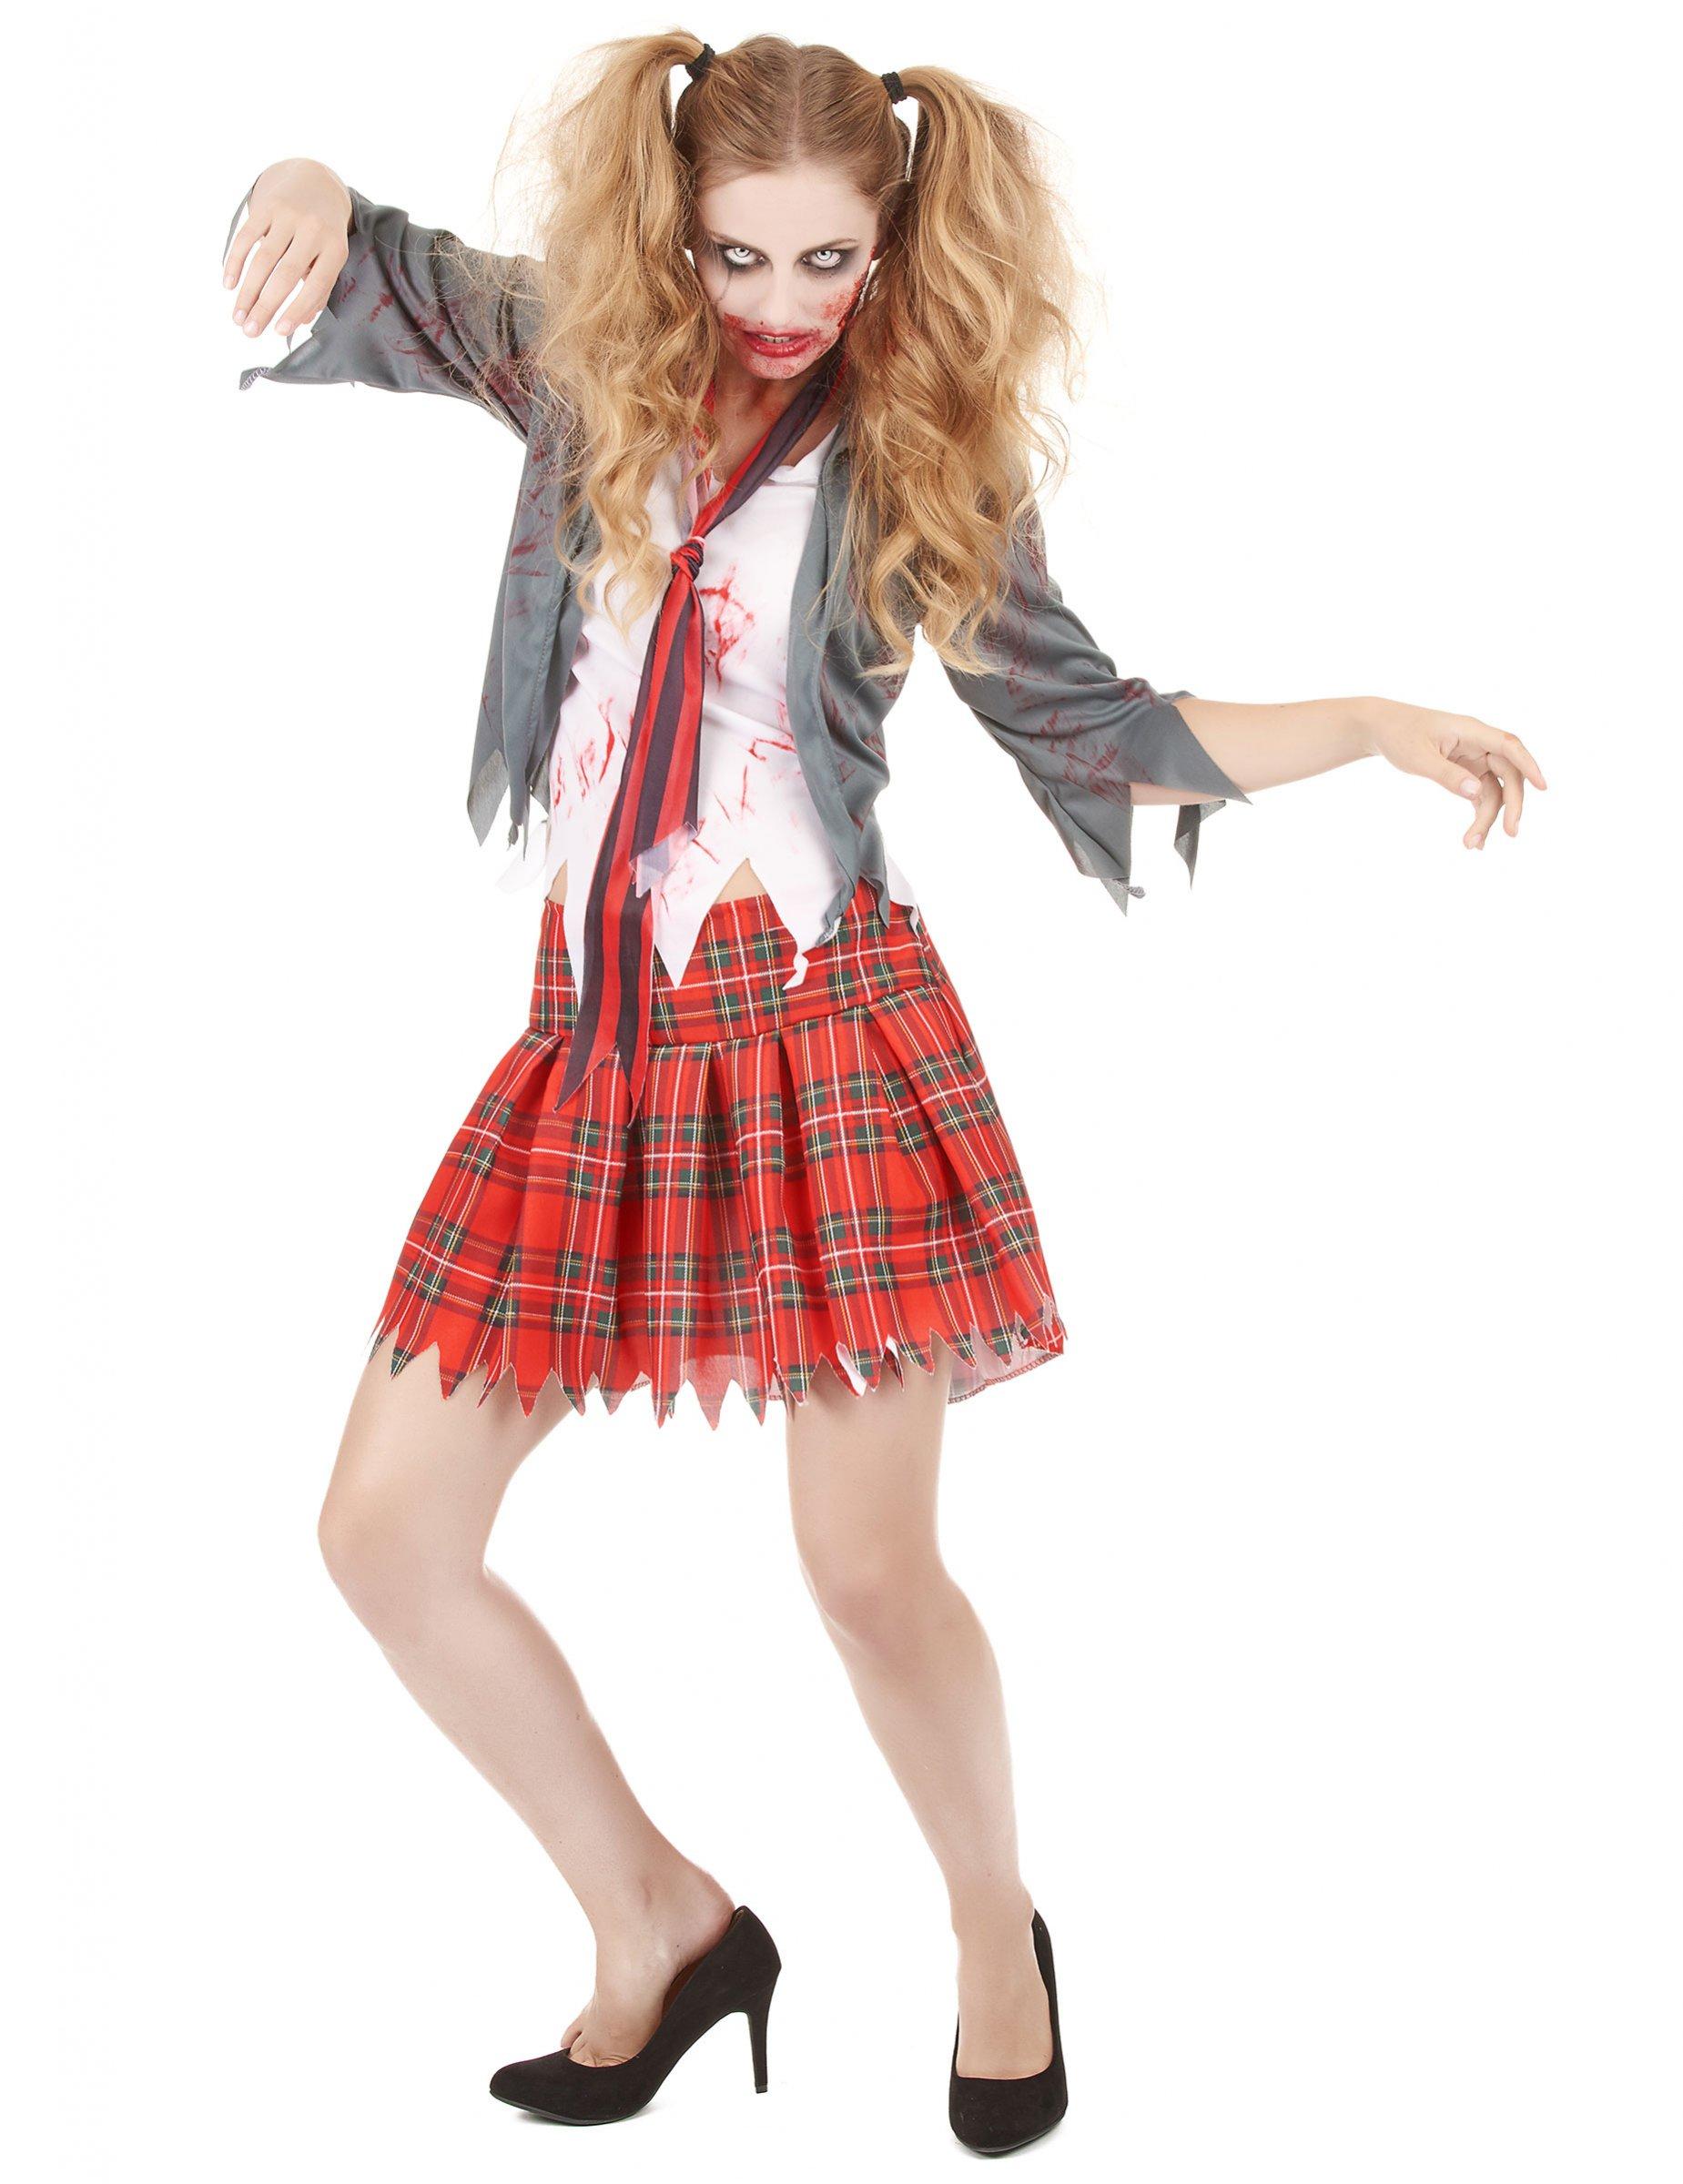 Dguisement Halloween - Femme - Fiesta-Republiccom